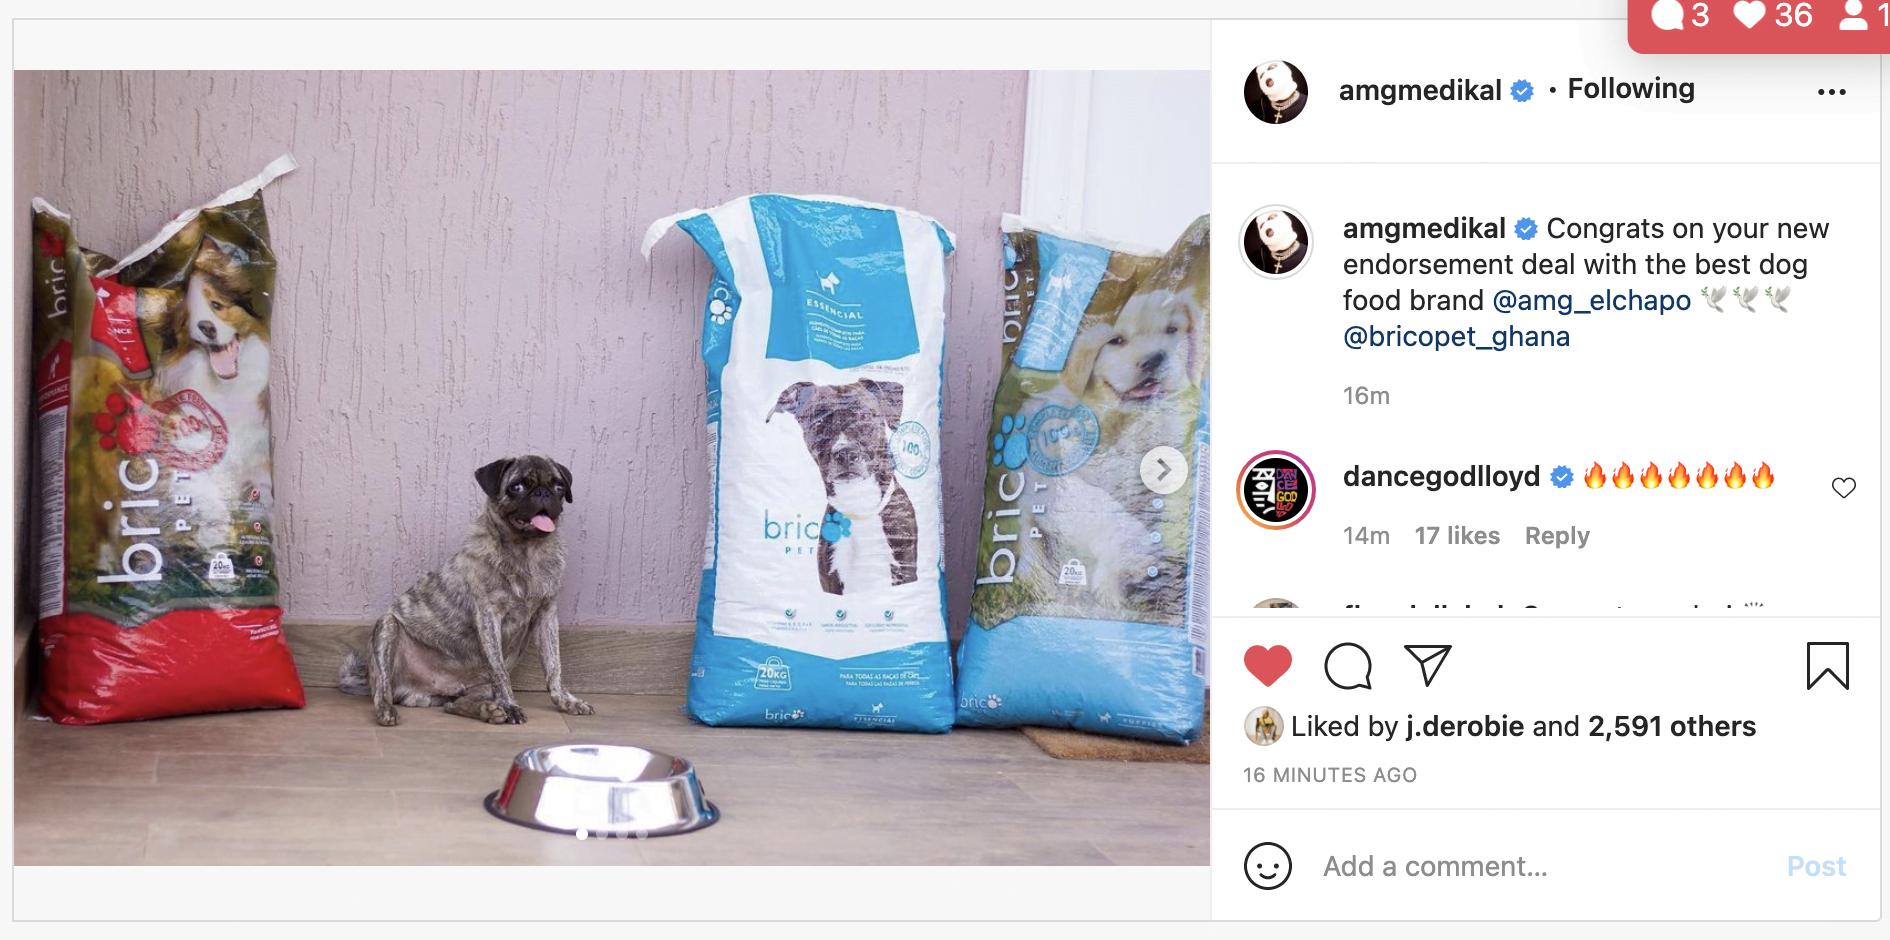 Medikal's dog bags an ambassadorial deal with a dog food company - Photos 3